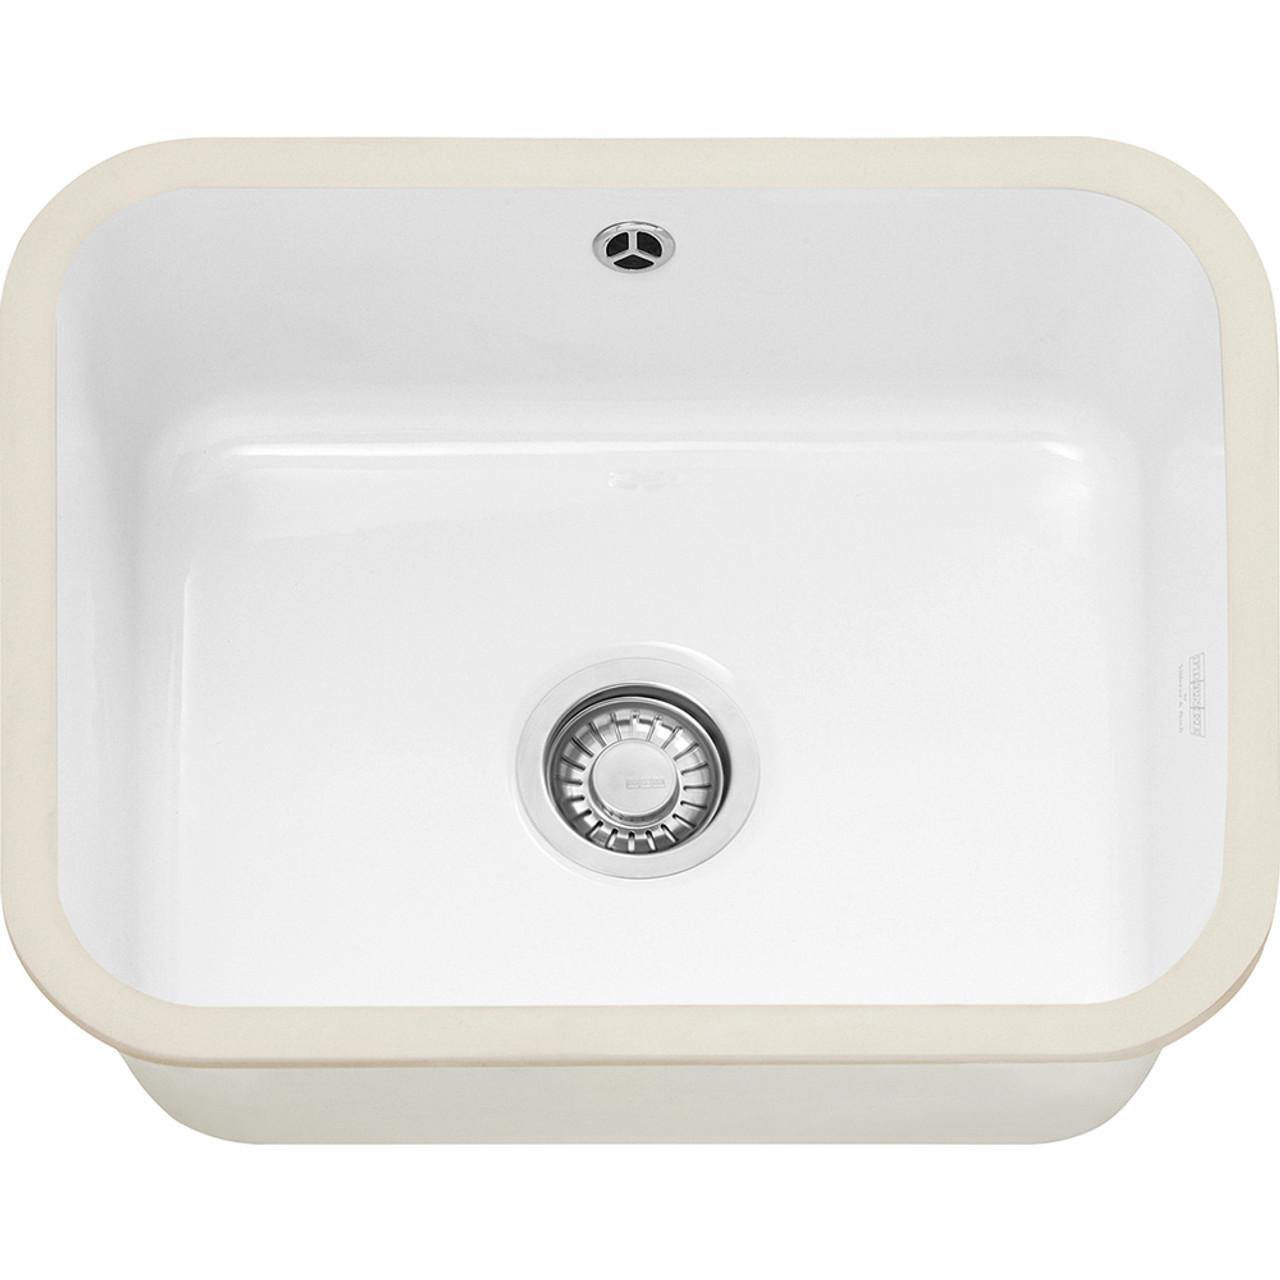 Kitchen Sink White: Franke VBK110 50 Ceramic White Kitchen Sink